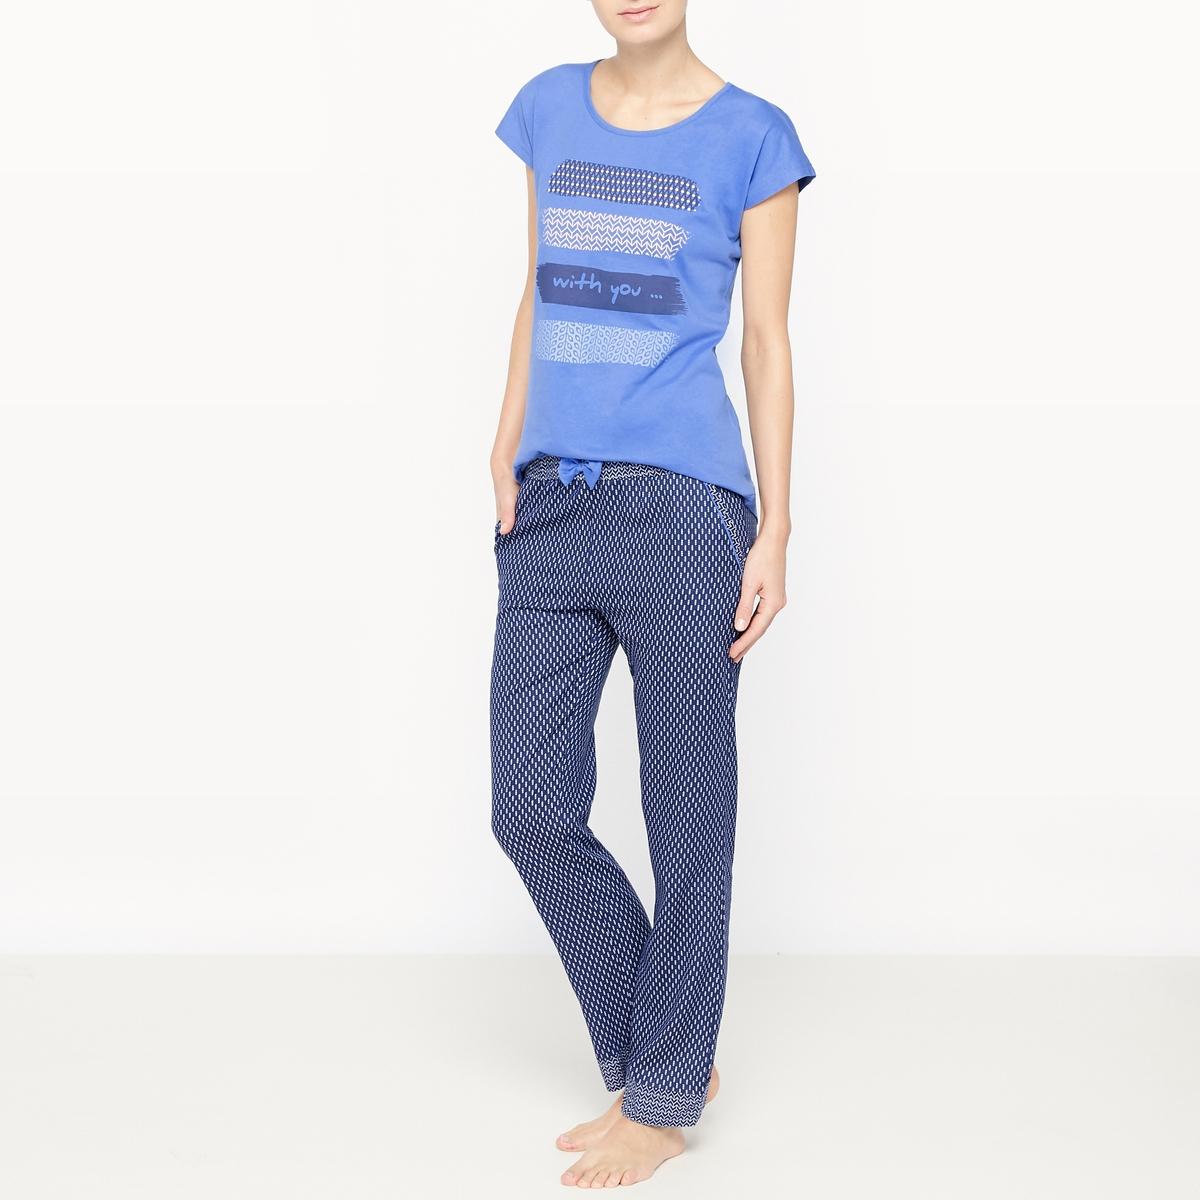 Пижама с длинными рукавами IndigoСостав и описание :Материал : 100% хлопокМарка : Dodo Уход :Машинная стирка при 30 °C с вещами схожих цветов<br><br>Цвет: синий